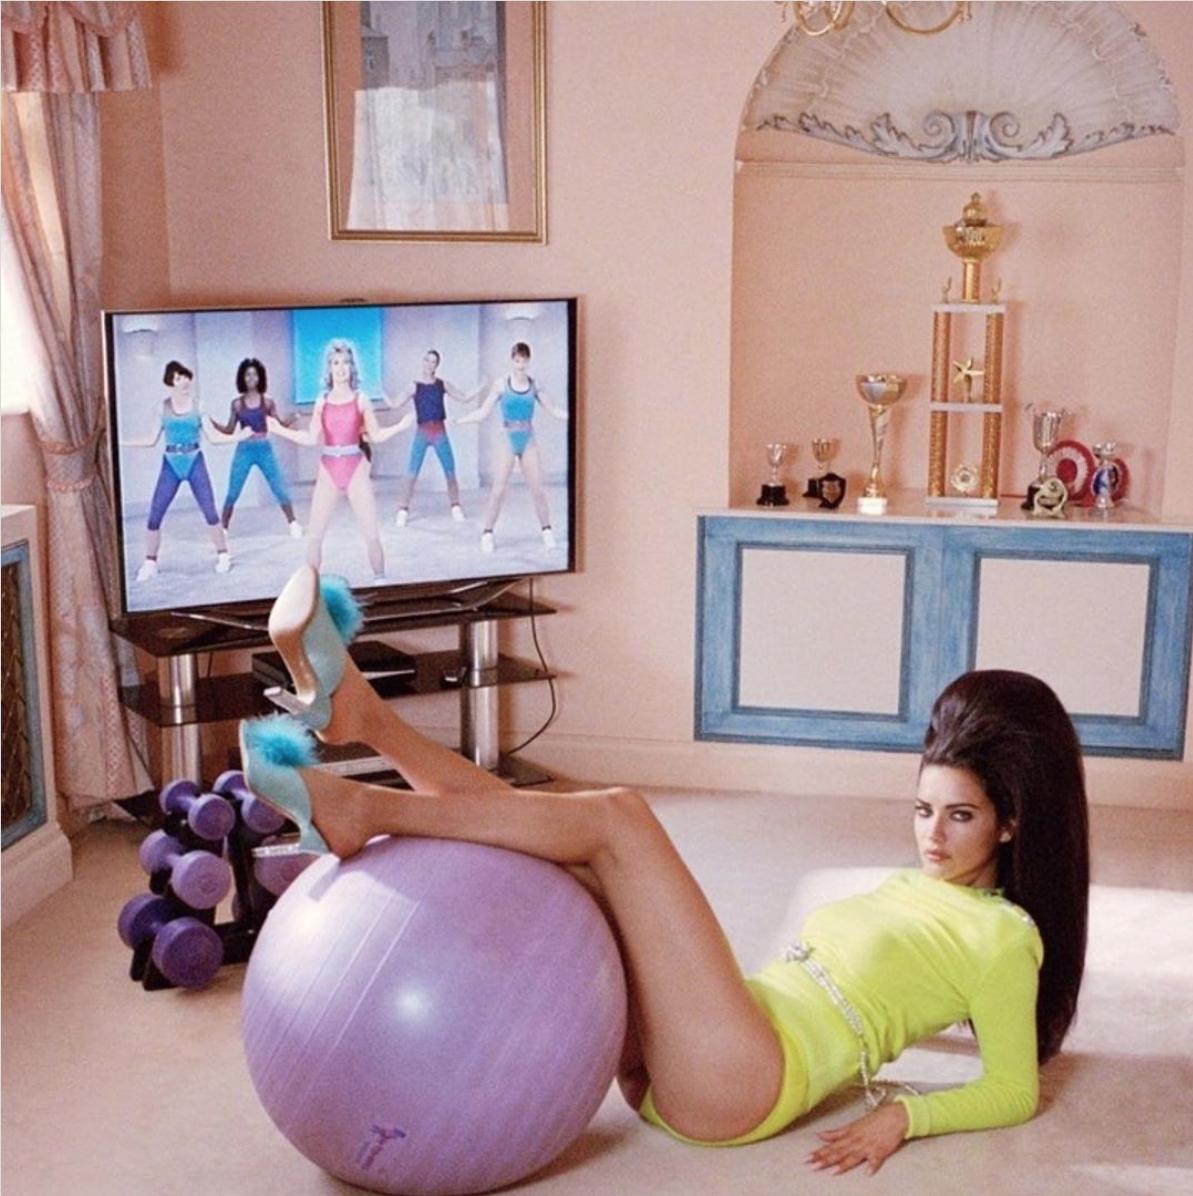 【アドリアナ・リマ】完璧にドレスアップして、トレーニング!?